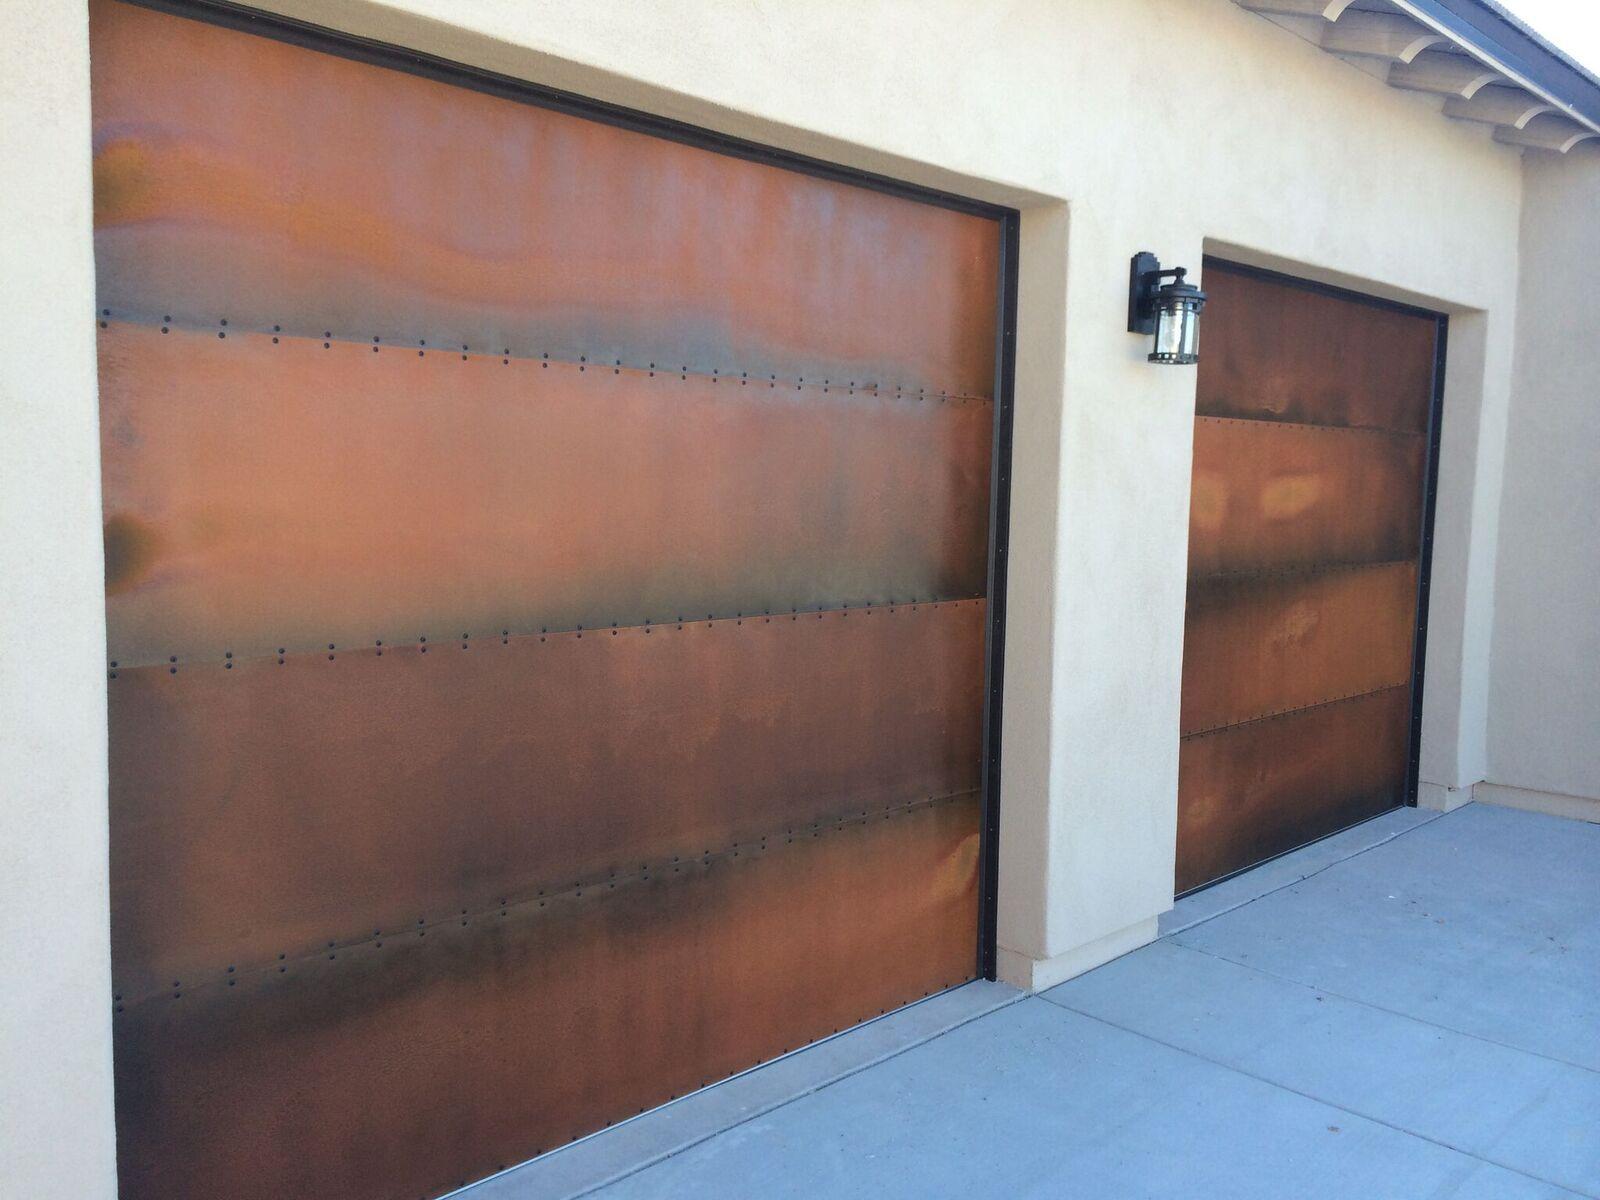 Custom Steel Garage Doors Handcrafted In Our Arizona Workshop Garage Door Luxury Home Custom Ho Metal Doors Design Garage Door Design Metal Garage Doors